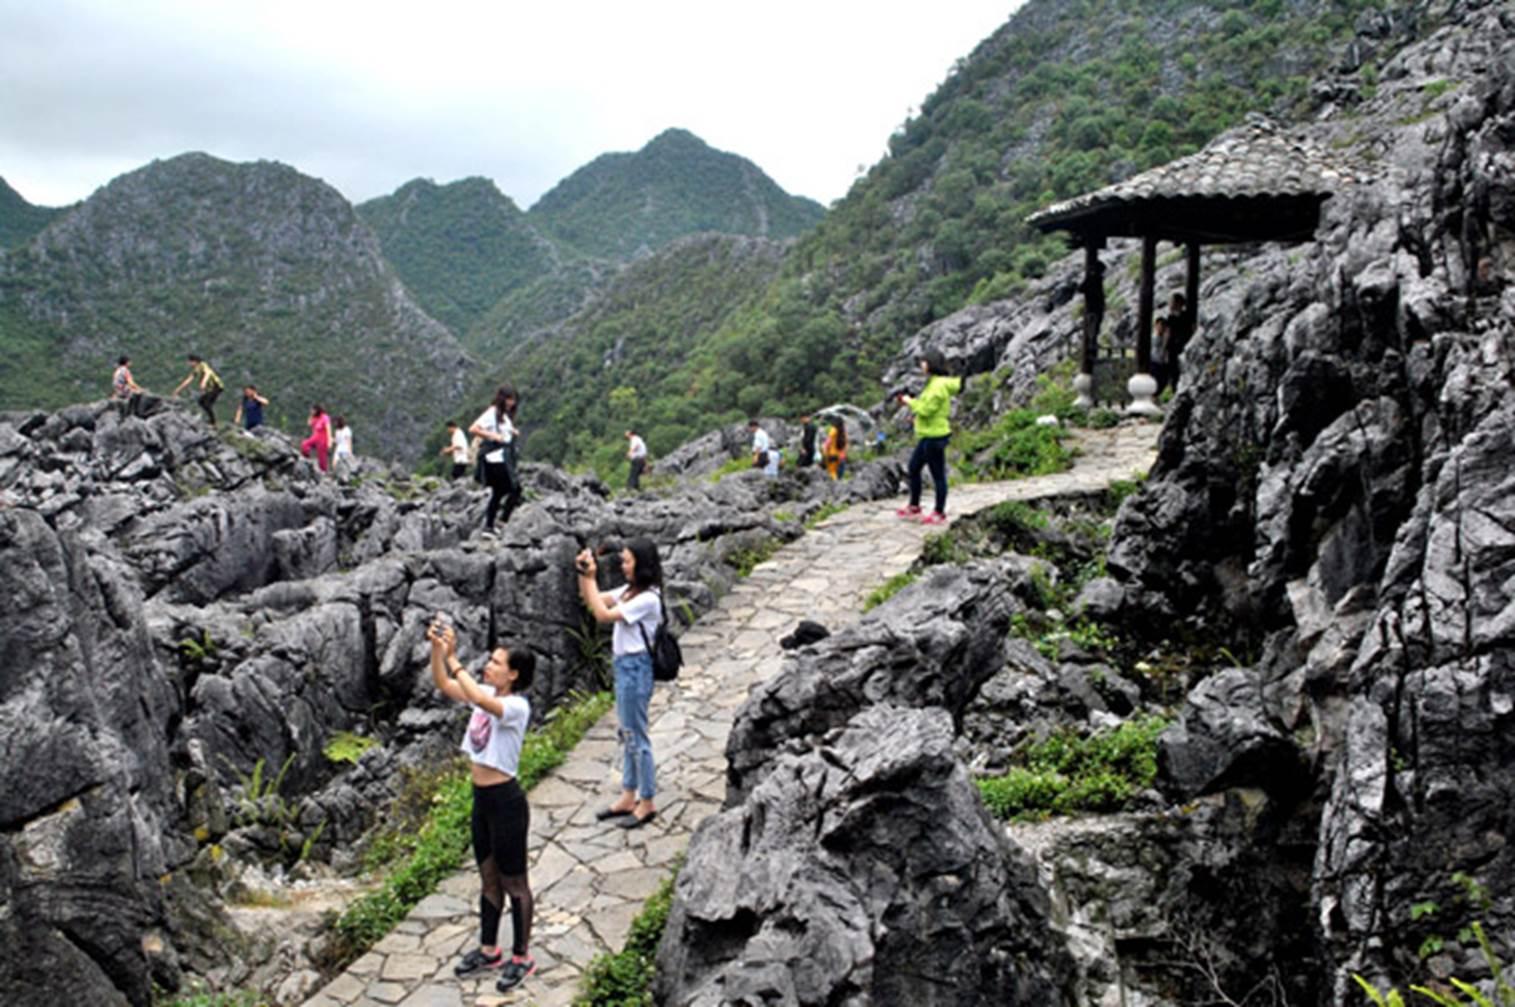 Cao nguyên đá Đồng Văn hấp dẫn khách du lịch